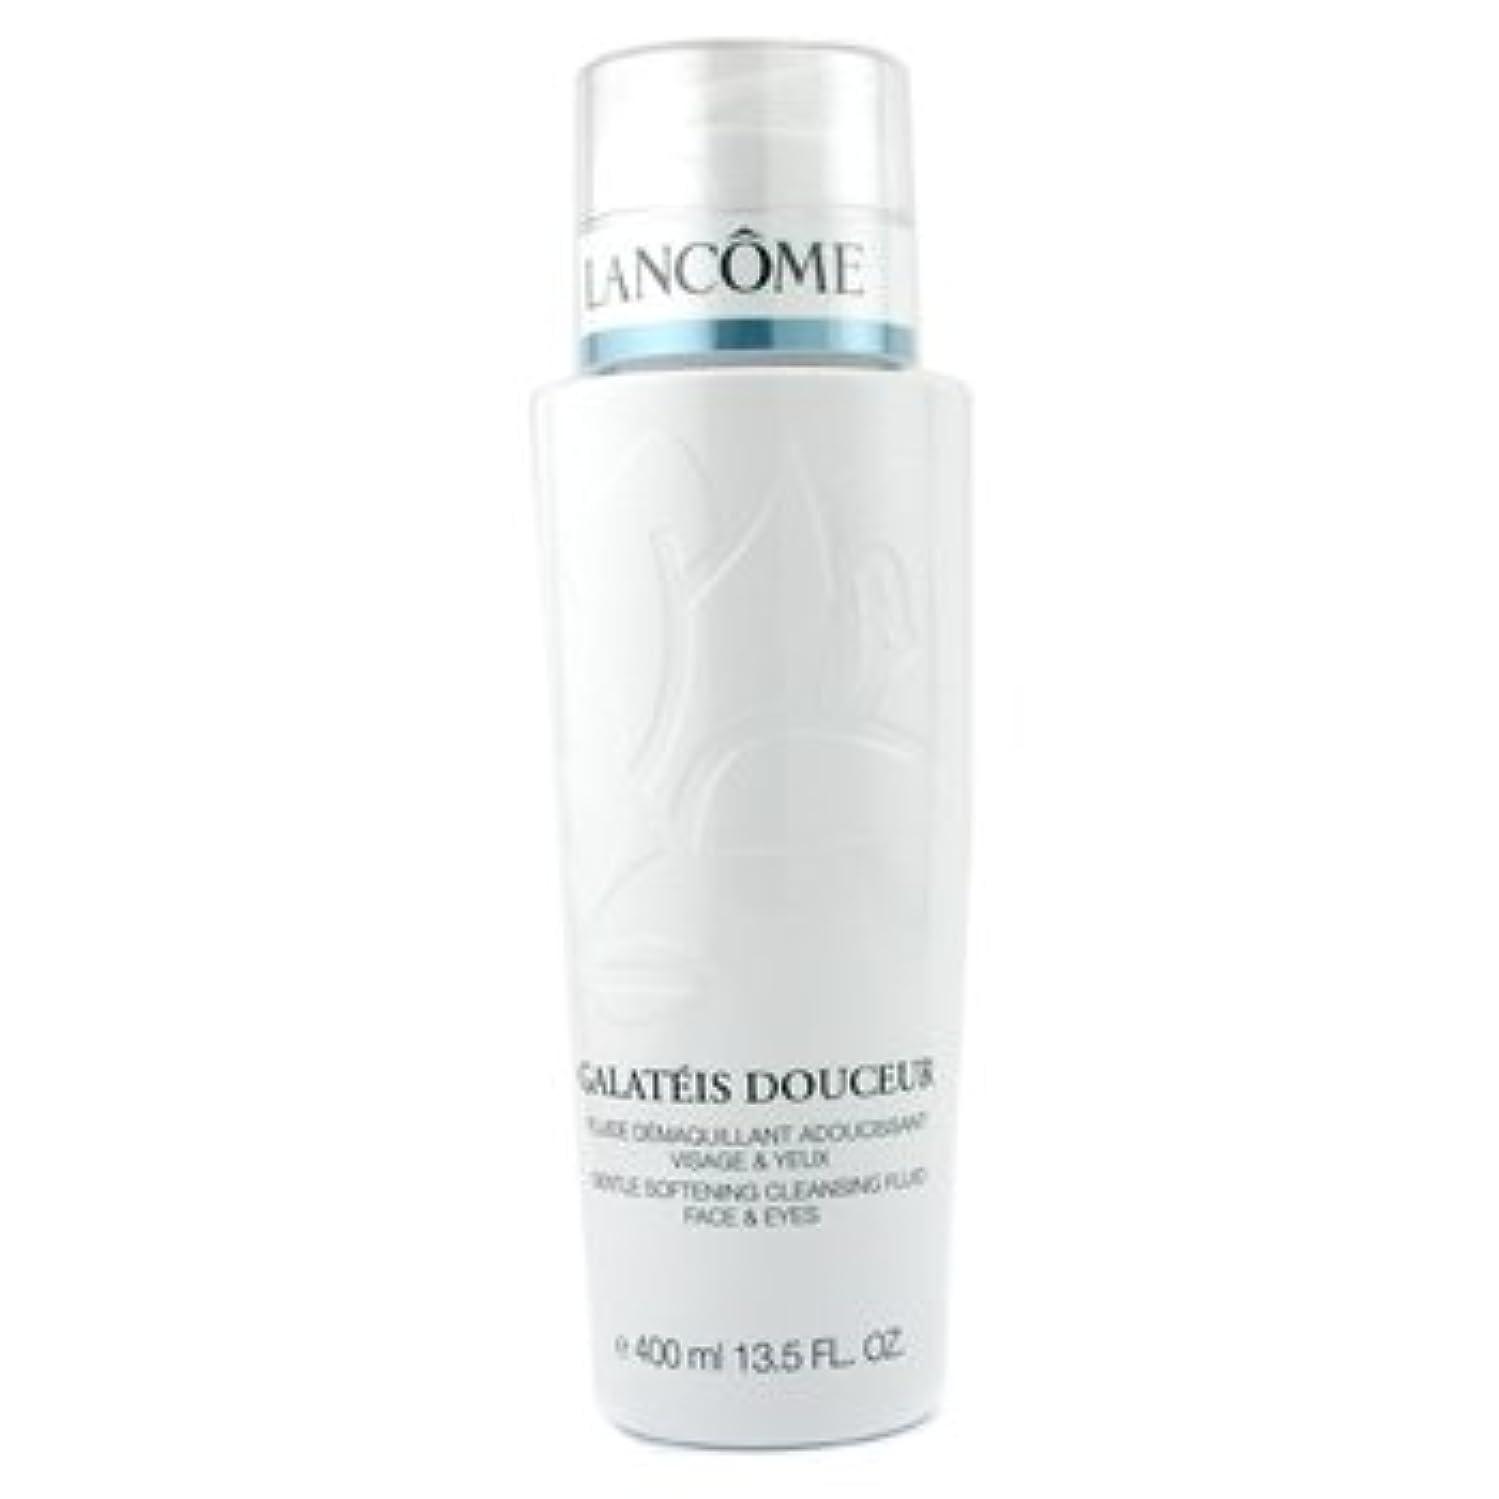 気まぐれな媒染剤ダンプ[ランコム] ガラテイス ドゥスール 400ml